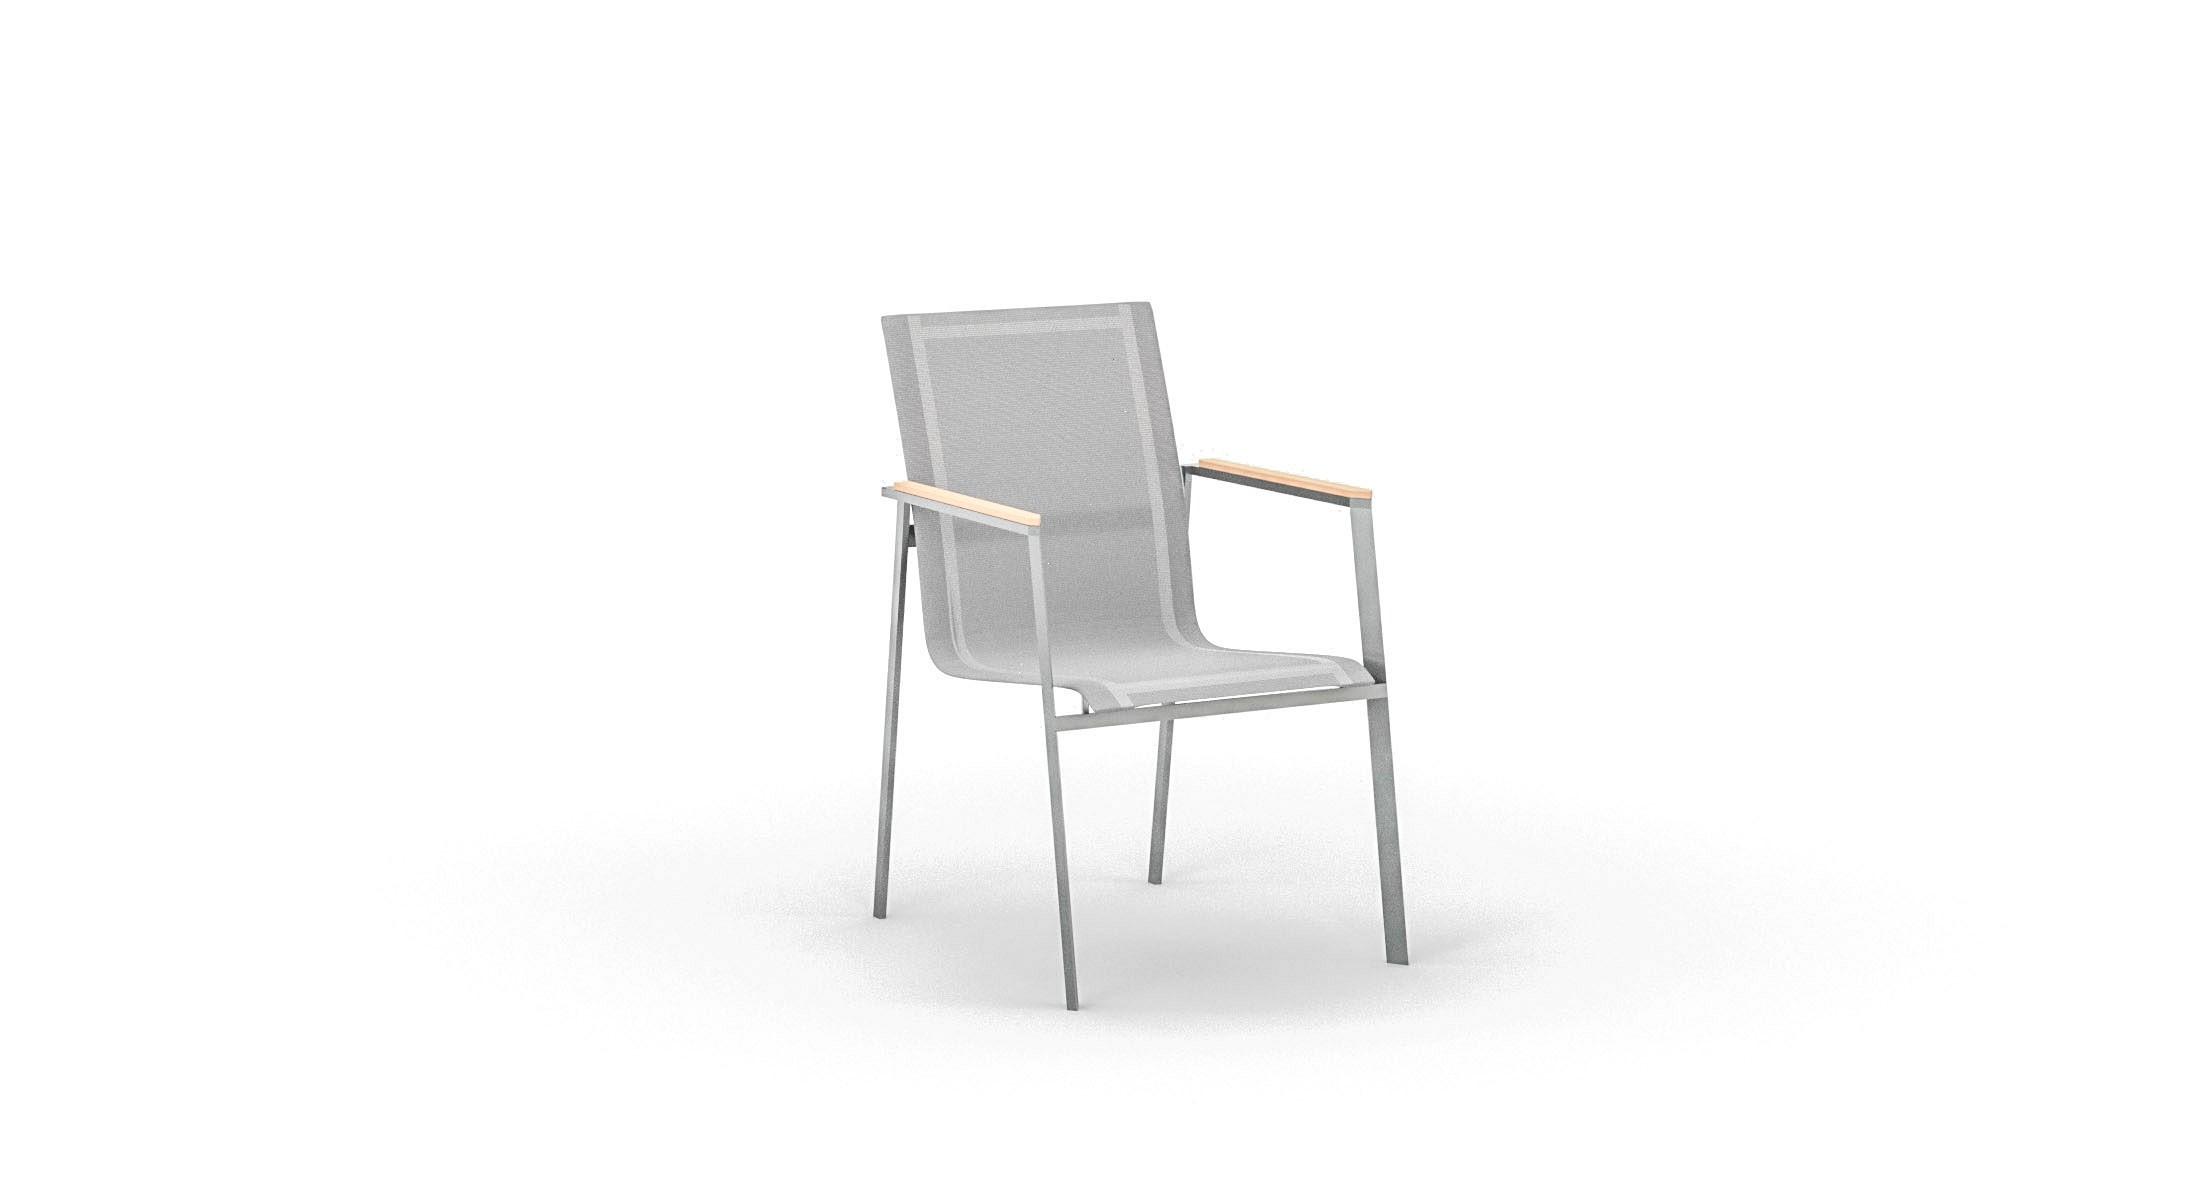 Sydney krzesło Classic